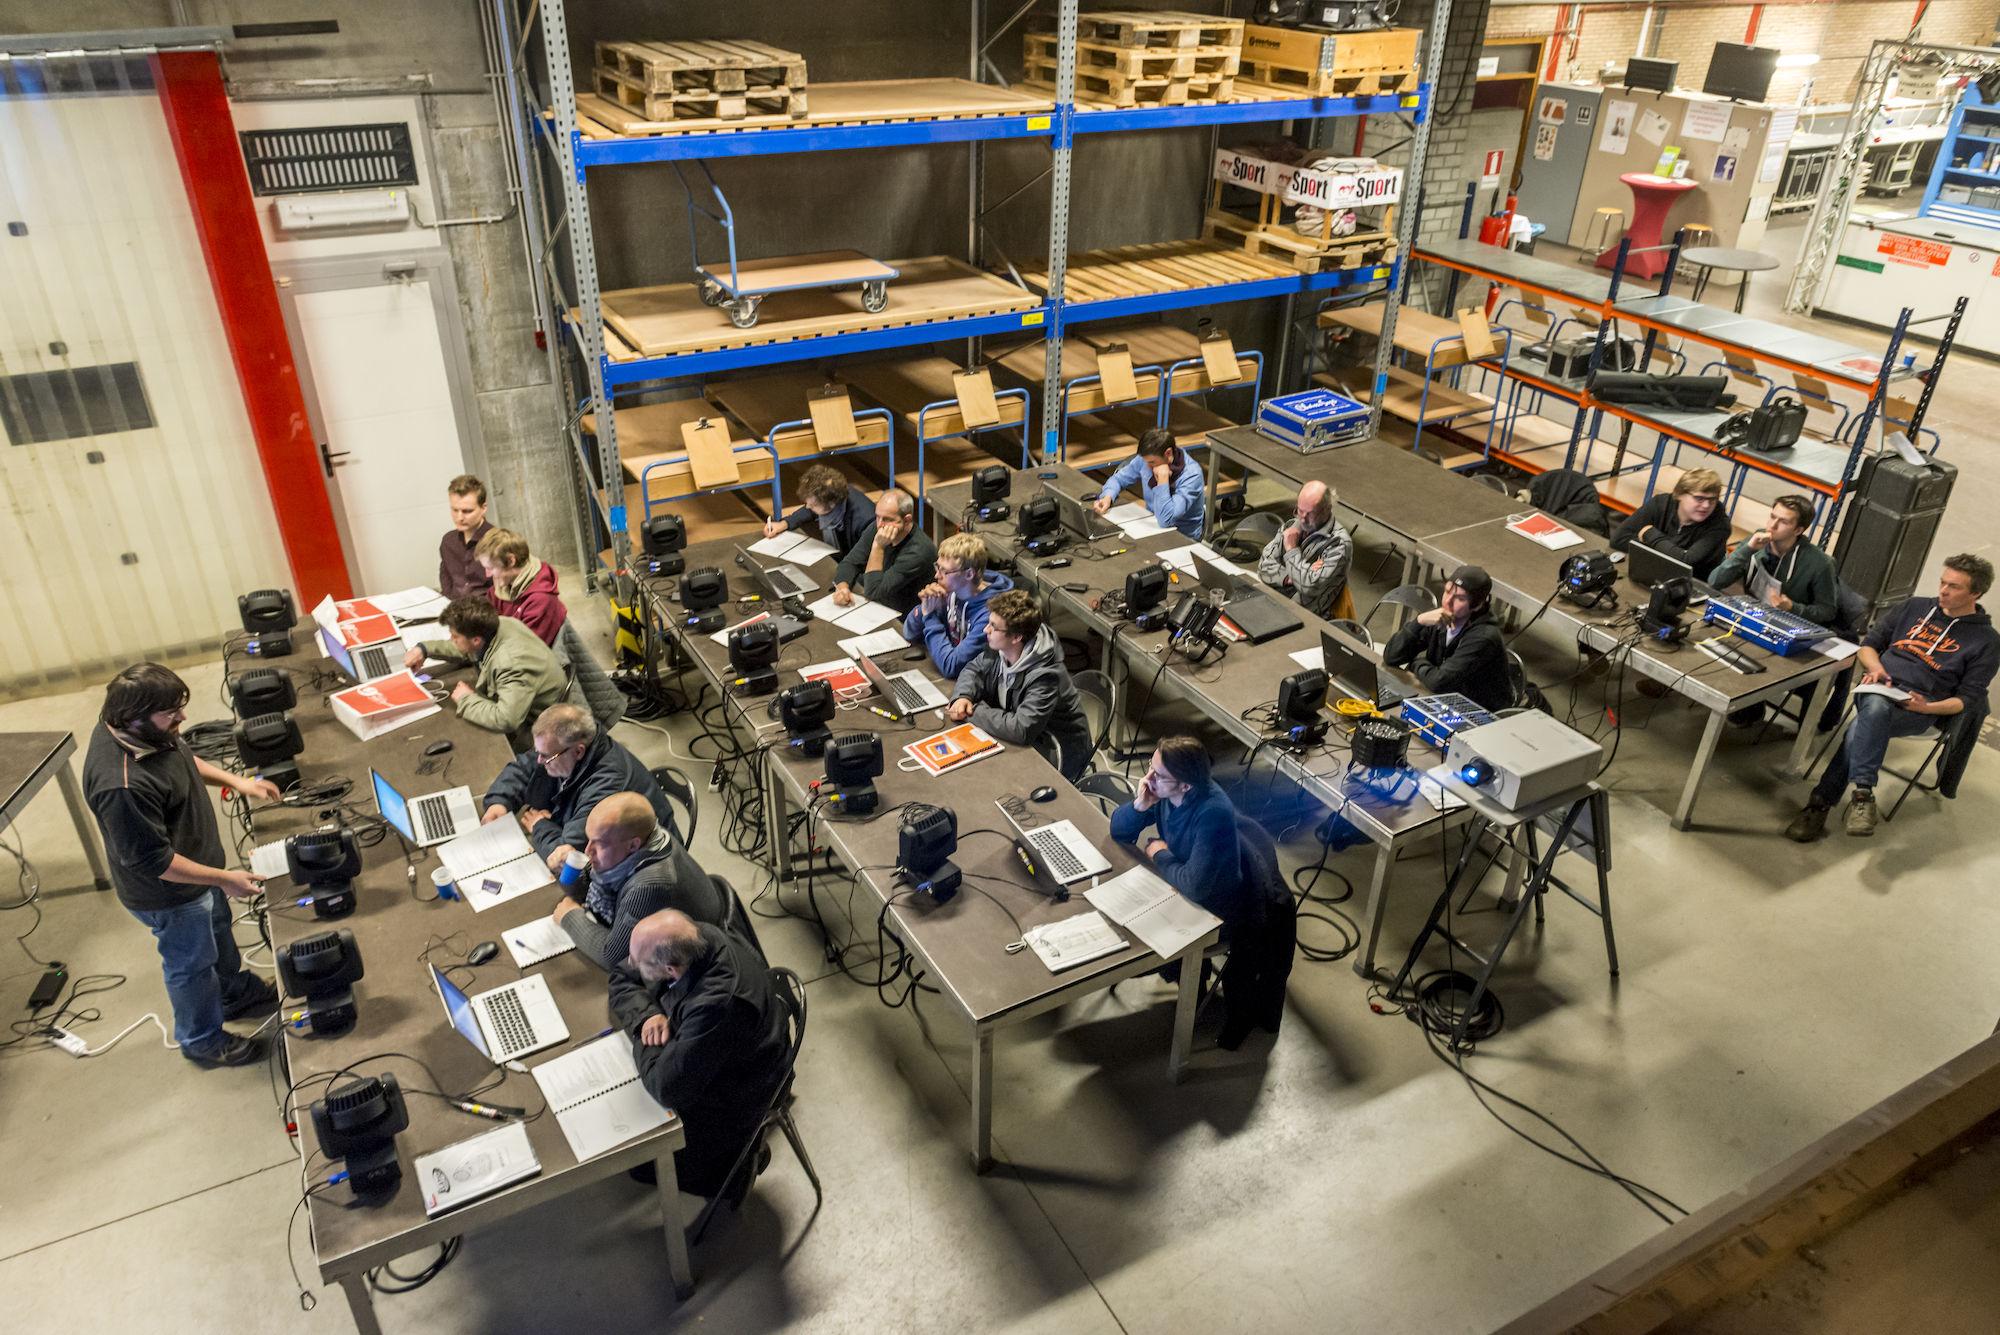 160225-uitleendienst-workshop-chamsys-02.jpg